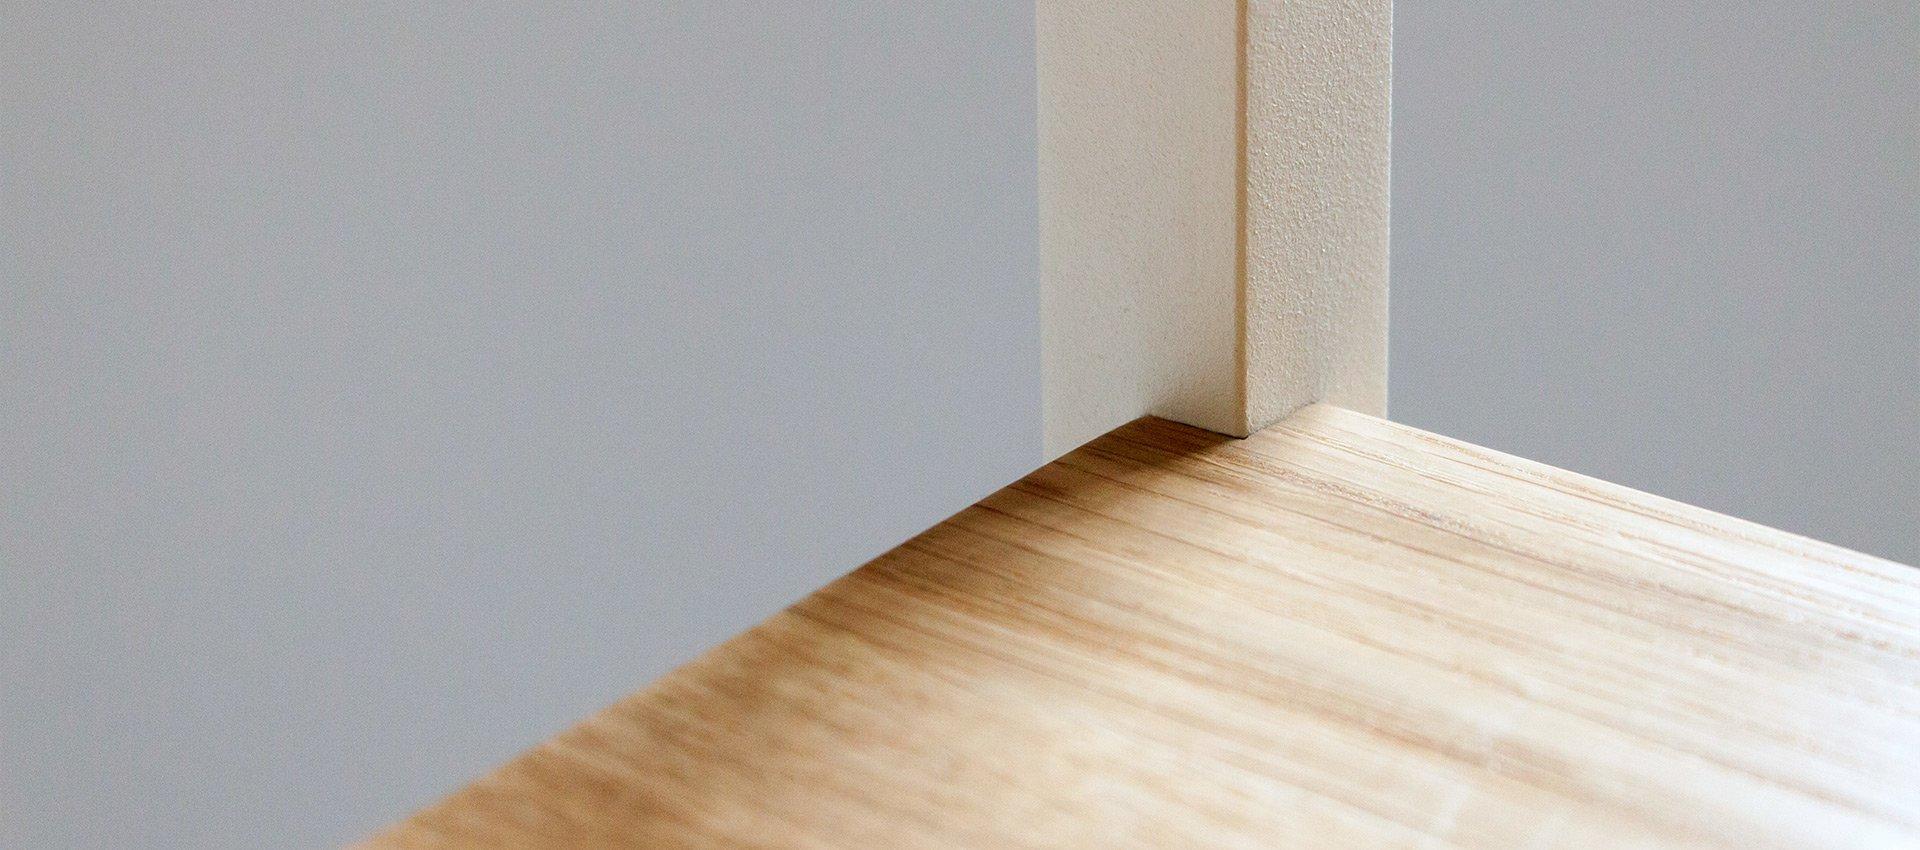 Łączenie drewna z metalem